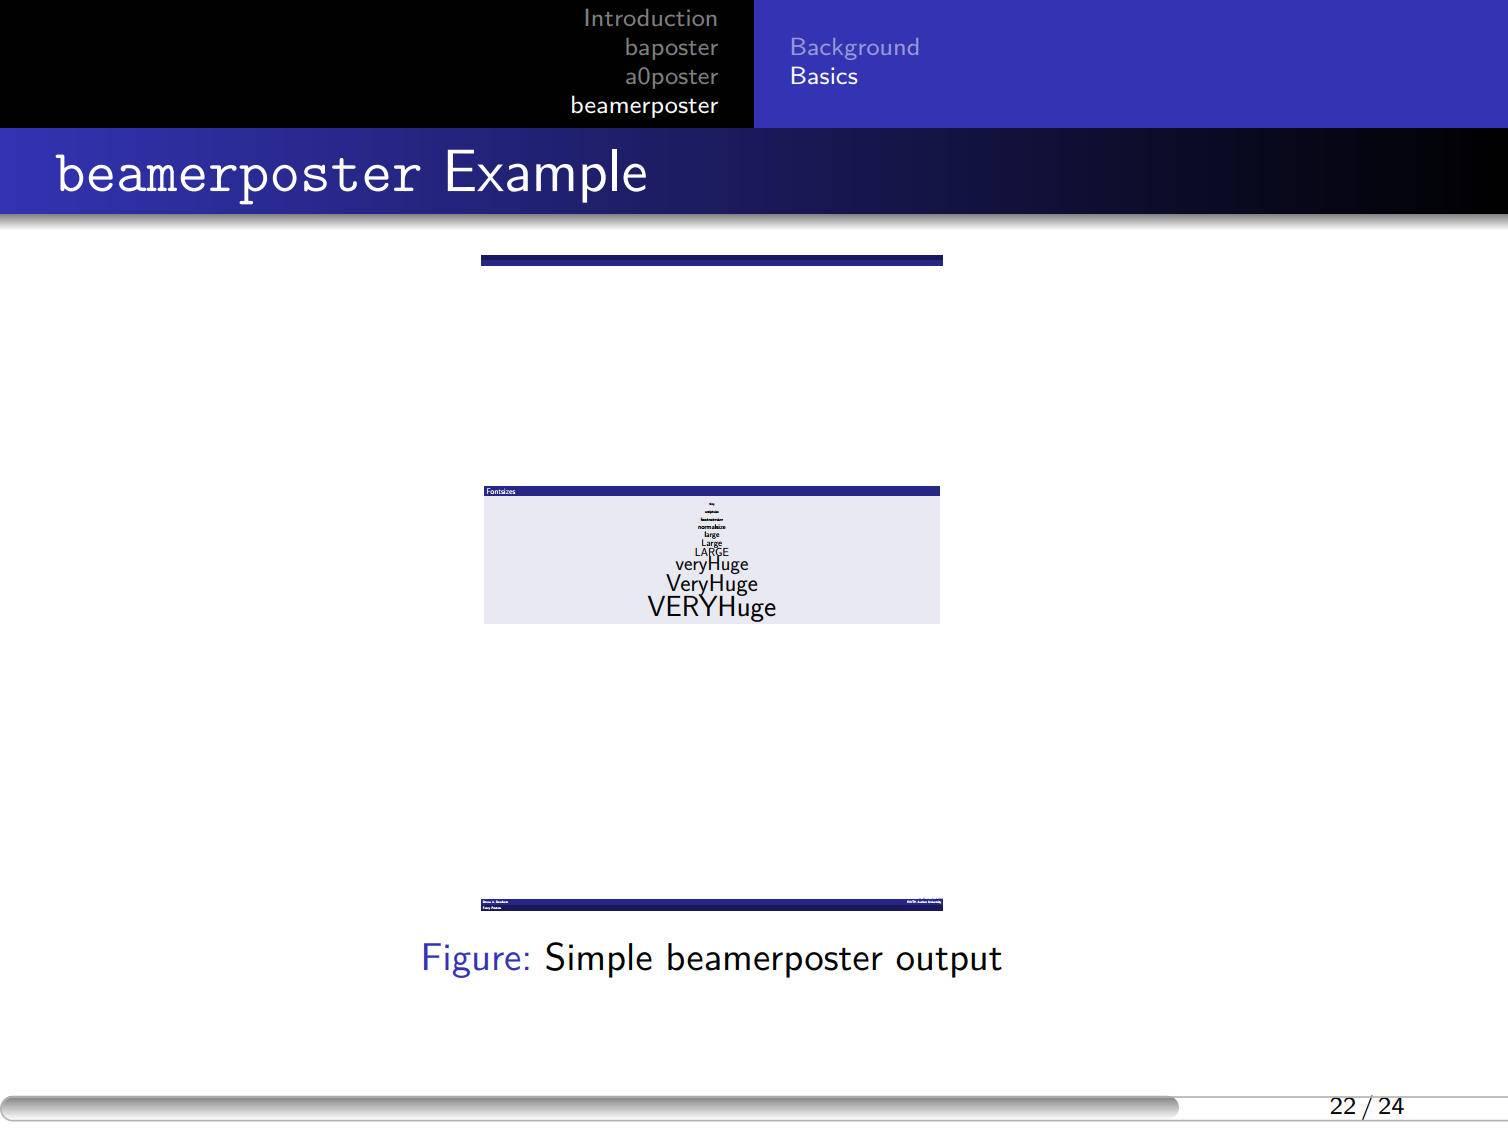 一个 beamer Warsaw 主题排版的样例 - 修正了进度条的错误